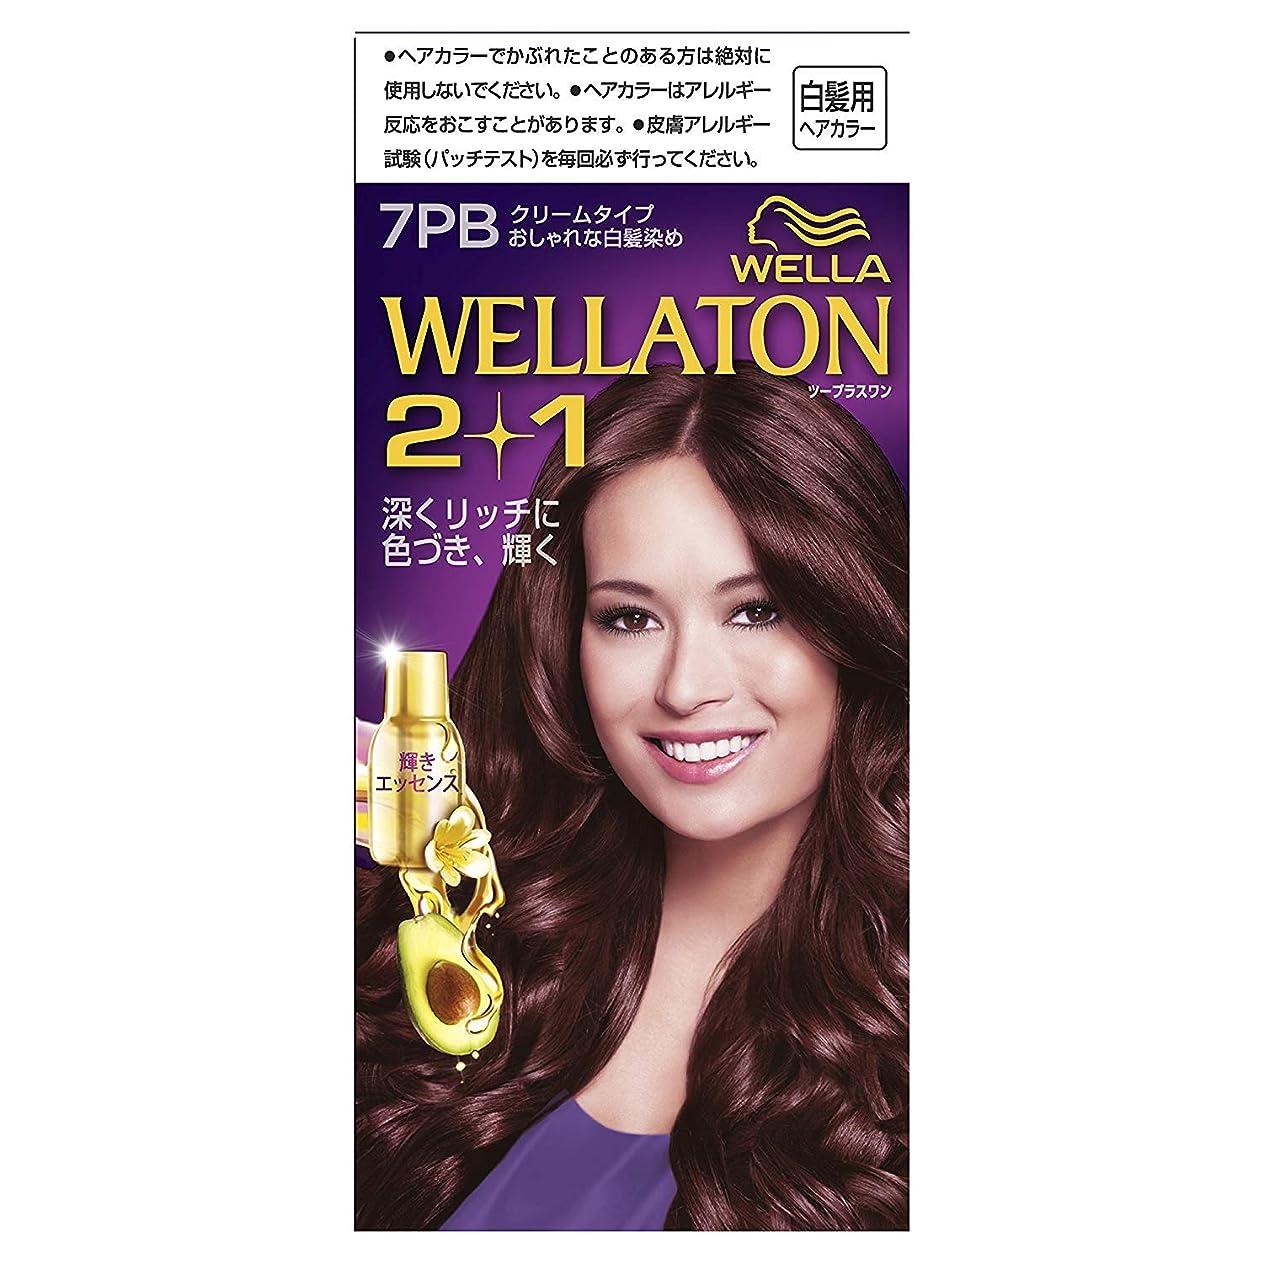 通常君主制返済ウエラトーン2+1 白髪染め クリームタイプ 7PB [医薬部外品] ×3個